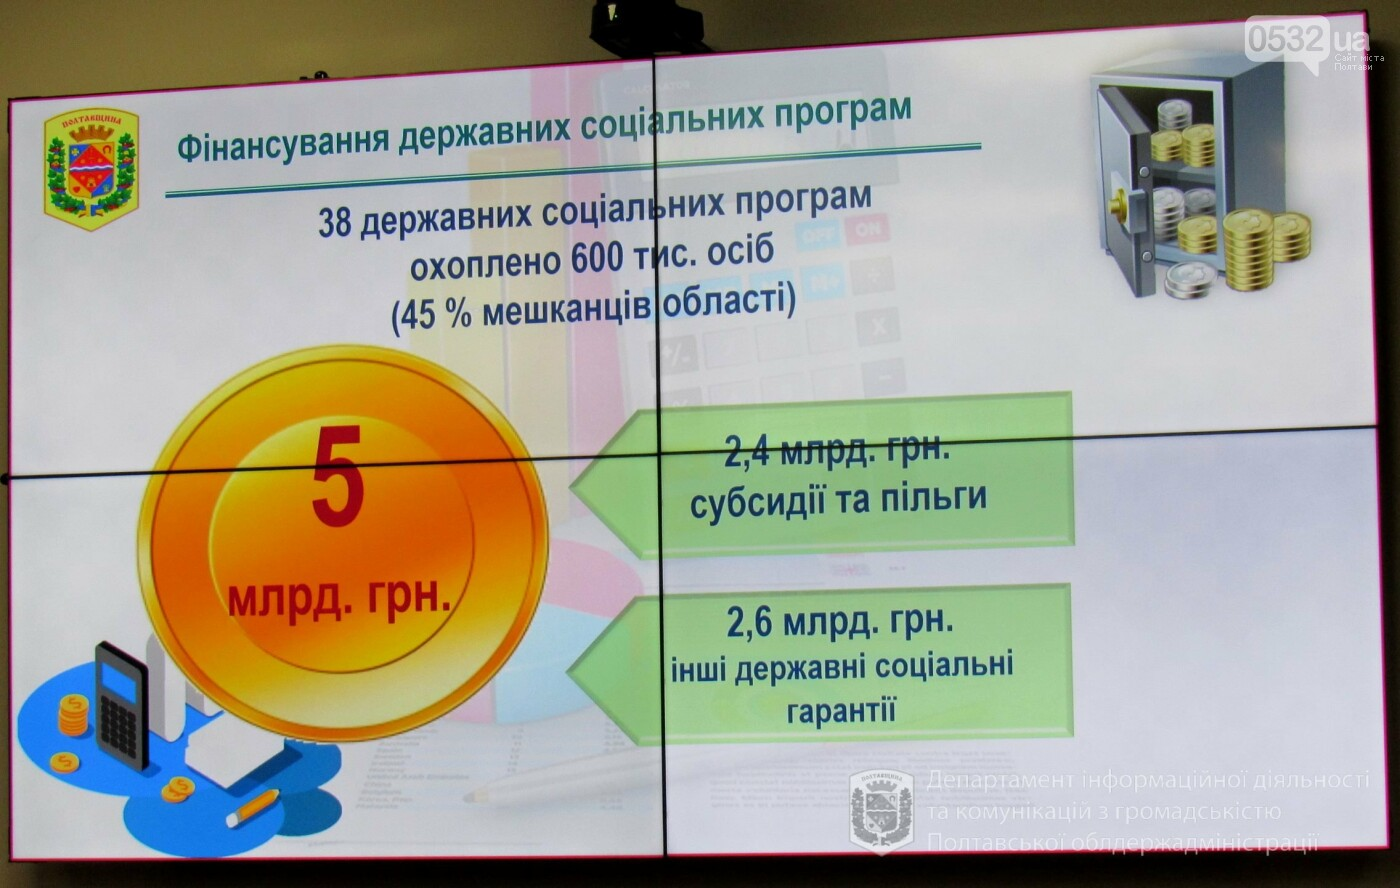 У 2020 році 2,4 мільярда гривень спрямують на субсидії та пільги в Полтавській області, фото-10